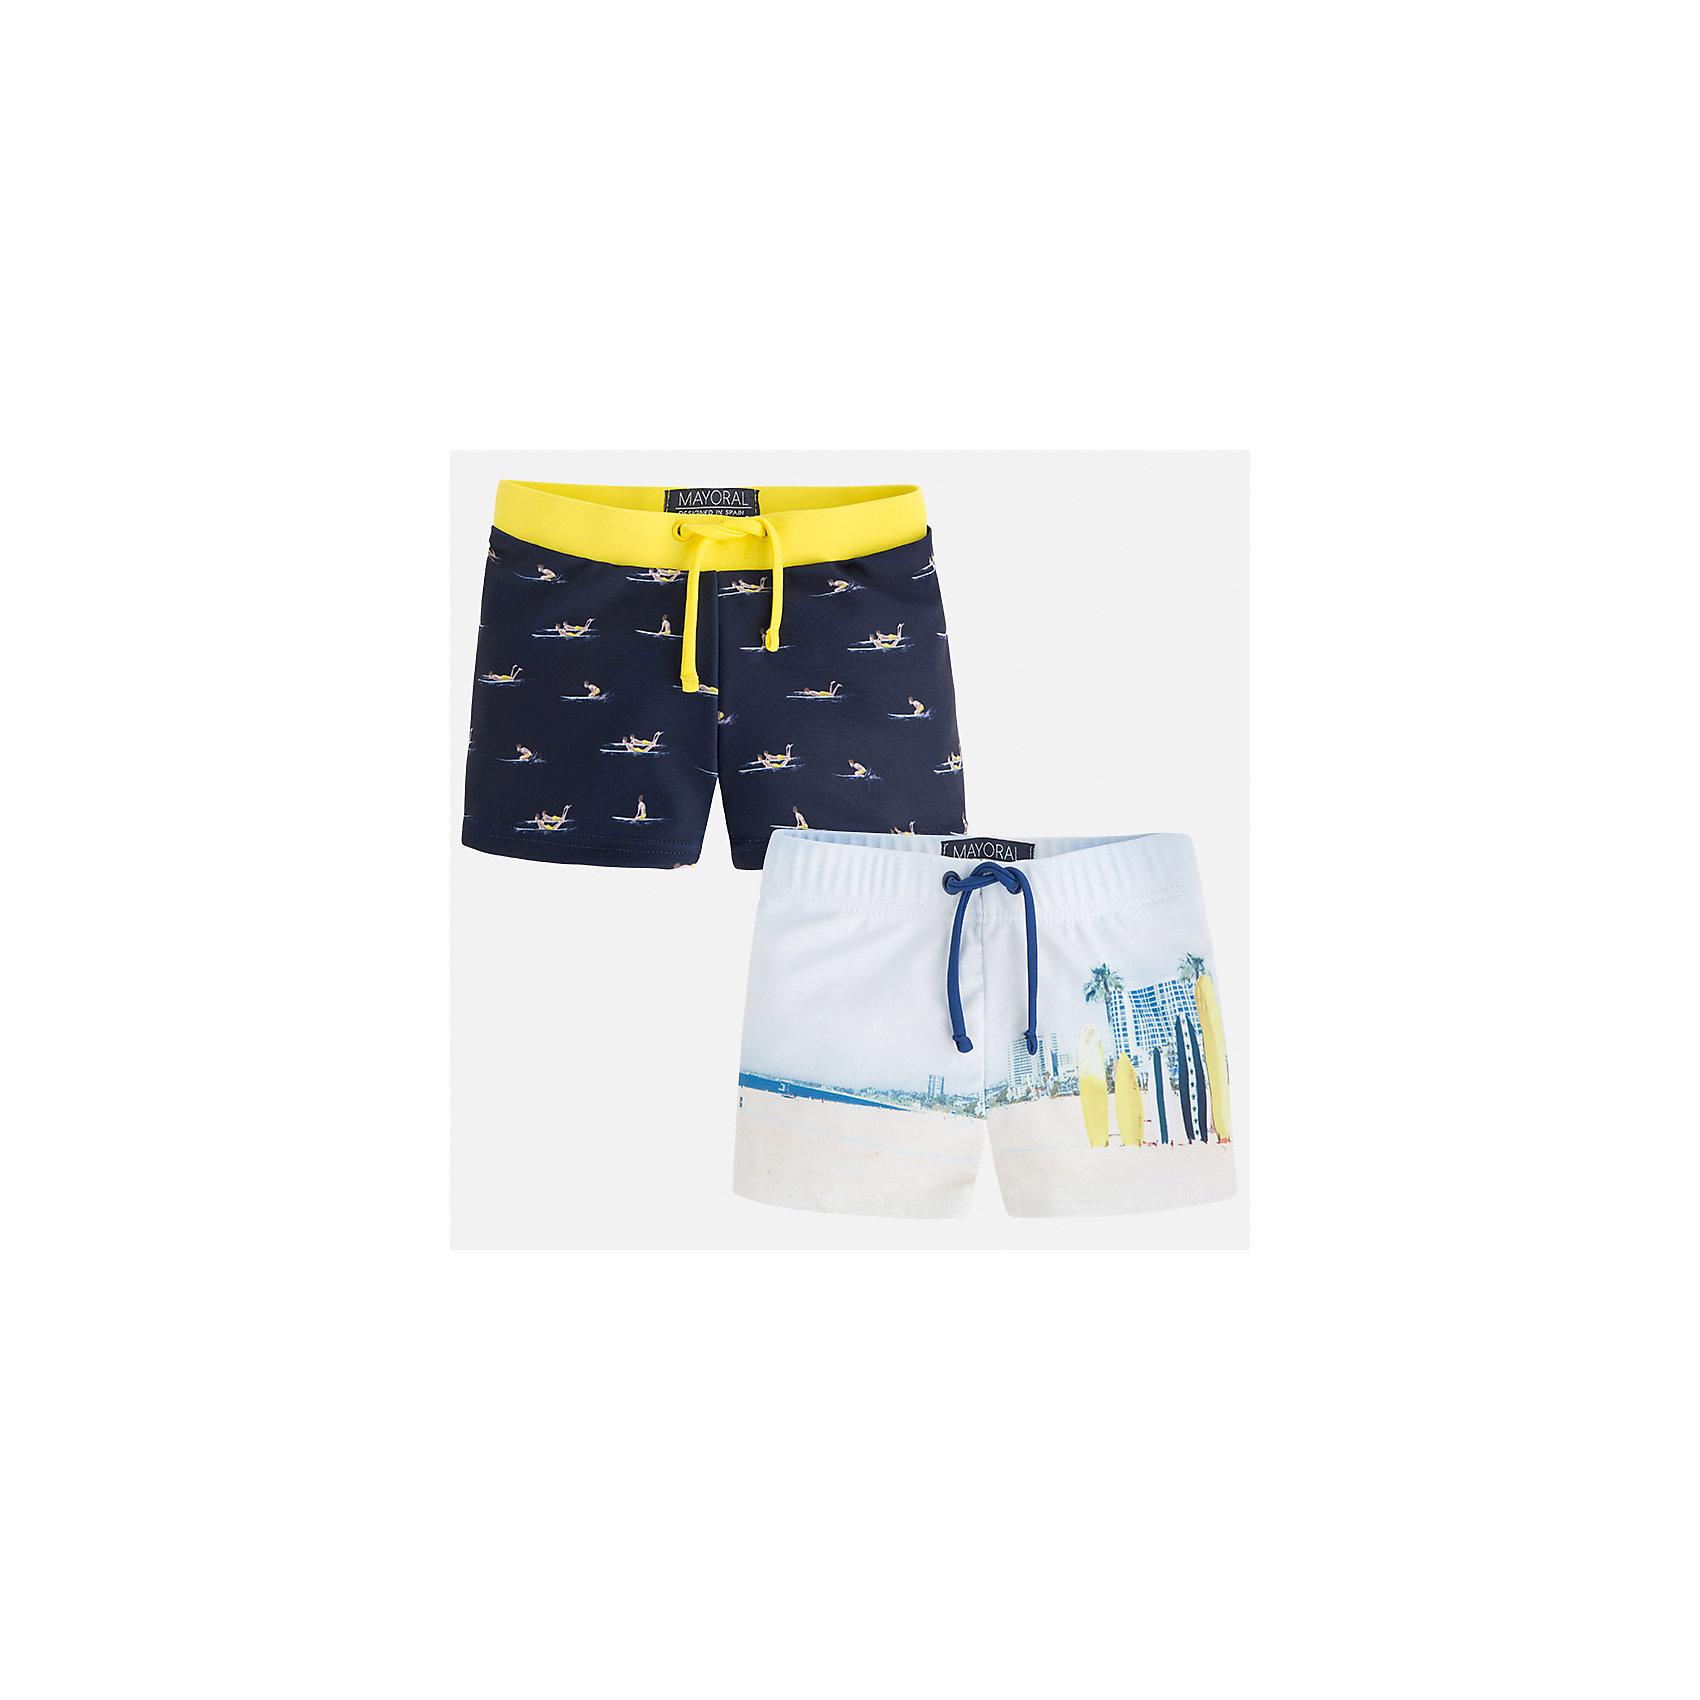 Шорты-плавки (2 шт.) для мальчика MayoralХарактеристики товара:<br><br>• цвет: синий/белый<br>• состав: 85% полиэстер, 15% эластан, подкладка - 100% полиэстер<br>• украшены принтом<br>• комплектация: 2 шт<br>• с подкладкой<br>• быстросохнущий материал<br>• страна бренда: Испания<br><br>Одежда для купания должна быть удобной! Эти плавки для мальчика не только хорошо сидят на ребенке, не стесняя движения и не натирая, они отлично смотрятся! Плавки сшиты из плотной ткани, но она очень быстро высыхает. Интересная расцветка модели делает её нарядной и оригинальной. <br><br>Одежда, обувь и аксессуары от испанского бренда Mayoral полюбились детям и взрослым по всему миру. Модели этой марки - стильные и удобные. Для их производства используются только безопасные, качественные материалы и фурнитура. Порадуйте ребенка модными и красивыми вещами от Mayoral! <br><br>Плавки для мальчика от испанского бренда Mayoral (Майорал) можно купить в нашем интернет-магазине.<br><br>Ширина мм: 191<br>Глубина мм: 10<br>Высота мм: 175<br>Вес г: 273<br>Цвет: желтый<br>Возраст от месяцев: 96<br>Возраст до месяцев: 108<br>Пол: Мужской<br>Возраст: Детский<br>Размер: 134,122,128,116,110,104,98,92<br>SKU: 5281045